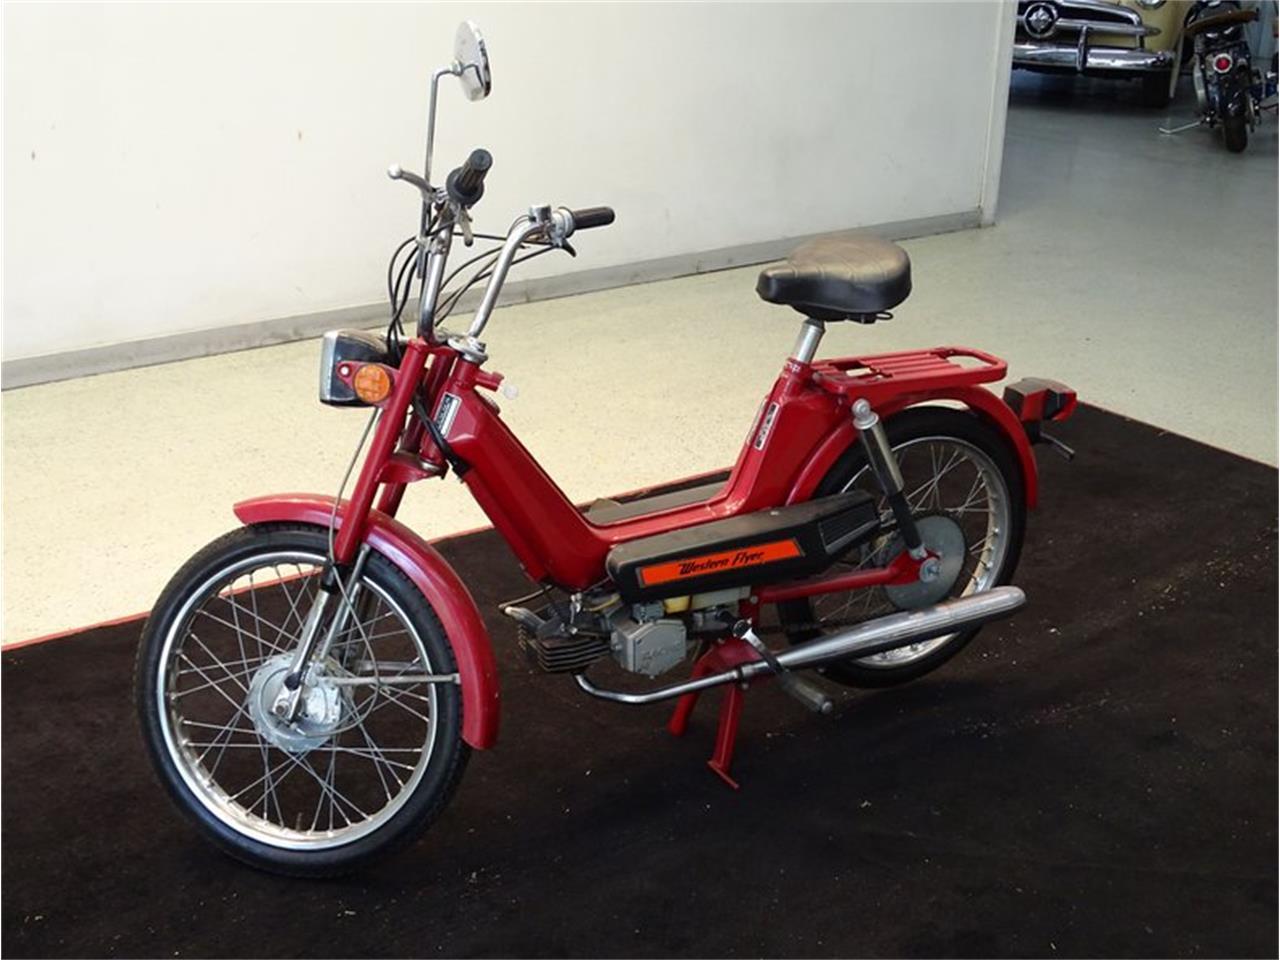 1979 Miscellaneous Scooter (CC-1410728) for sale in Greensboro, North Carolina